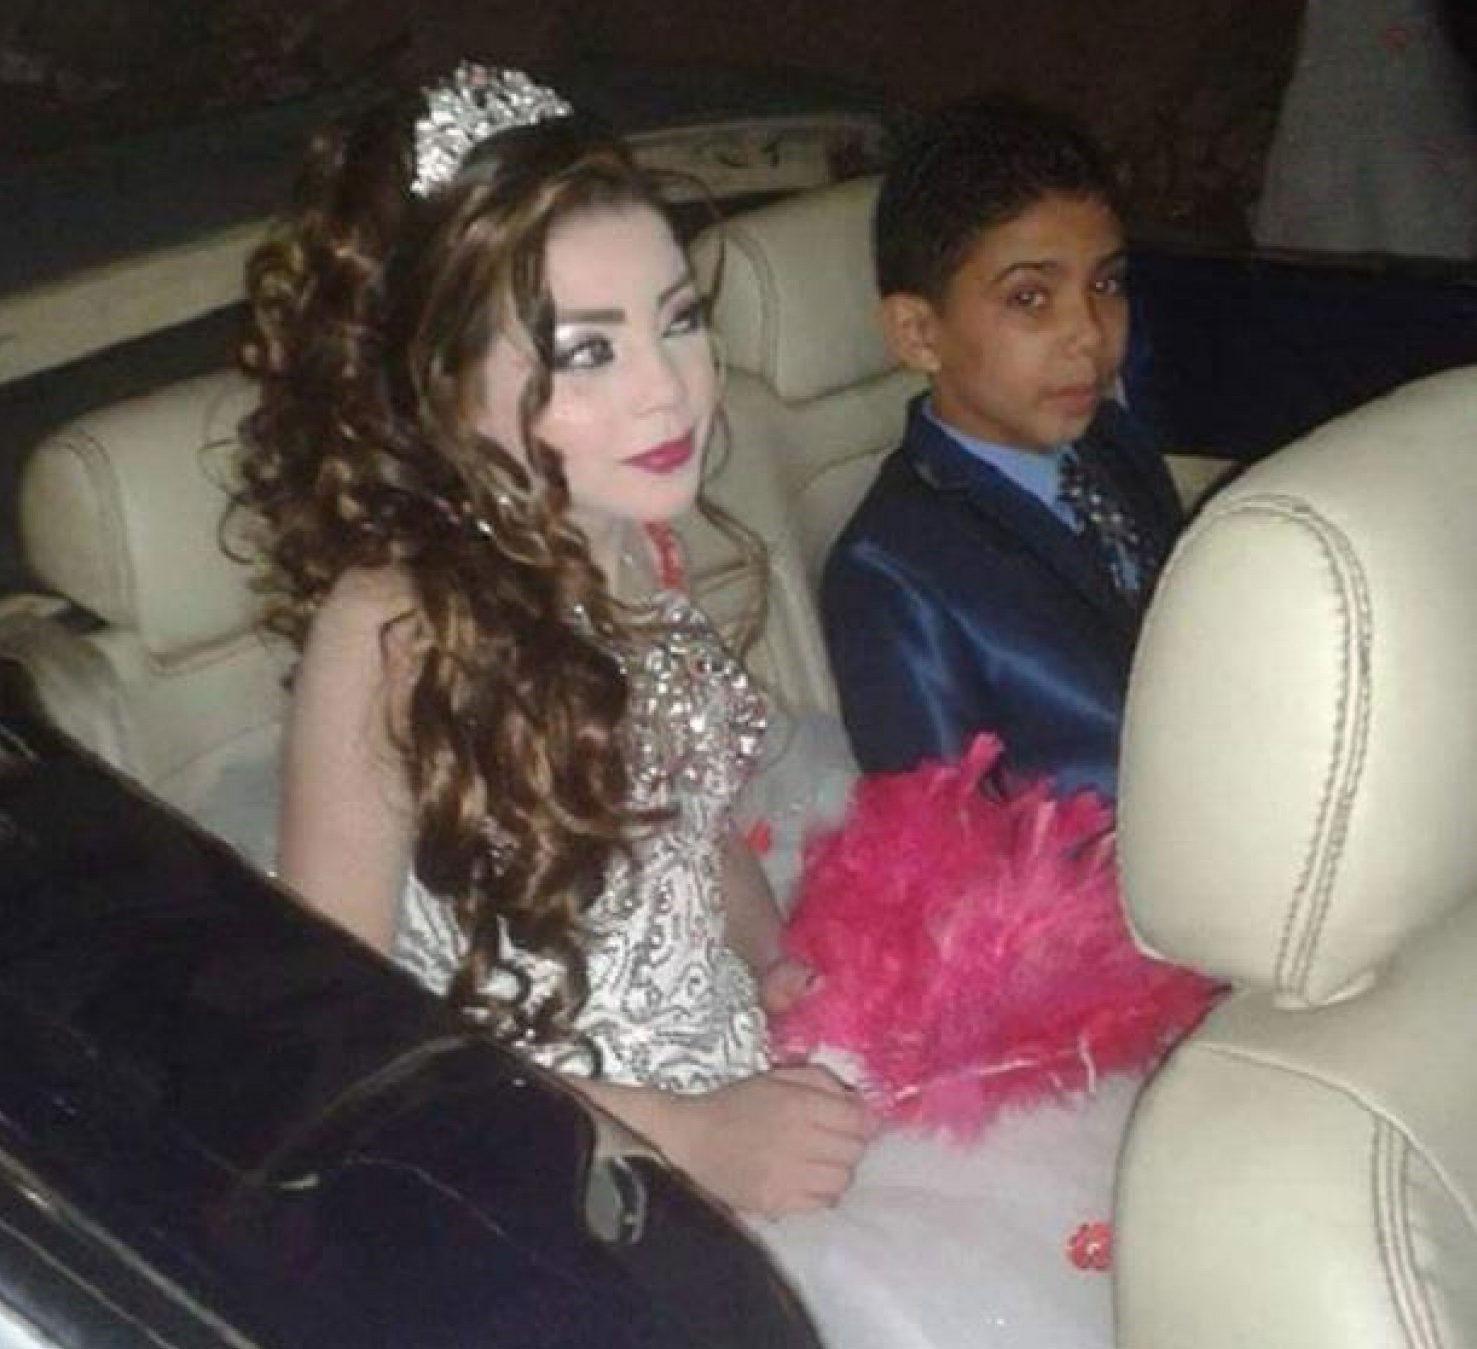 خبر جنجالی ازدواج پسر ۱۲ ساله با دختر ۱۱ ساله